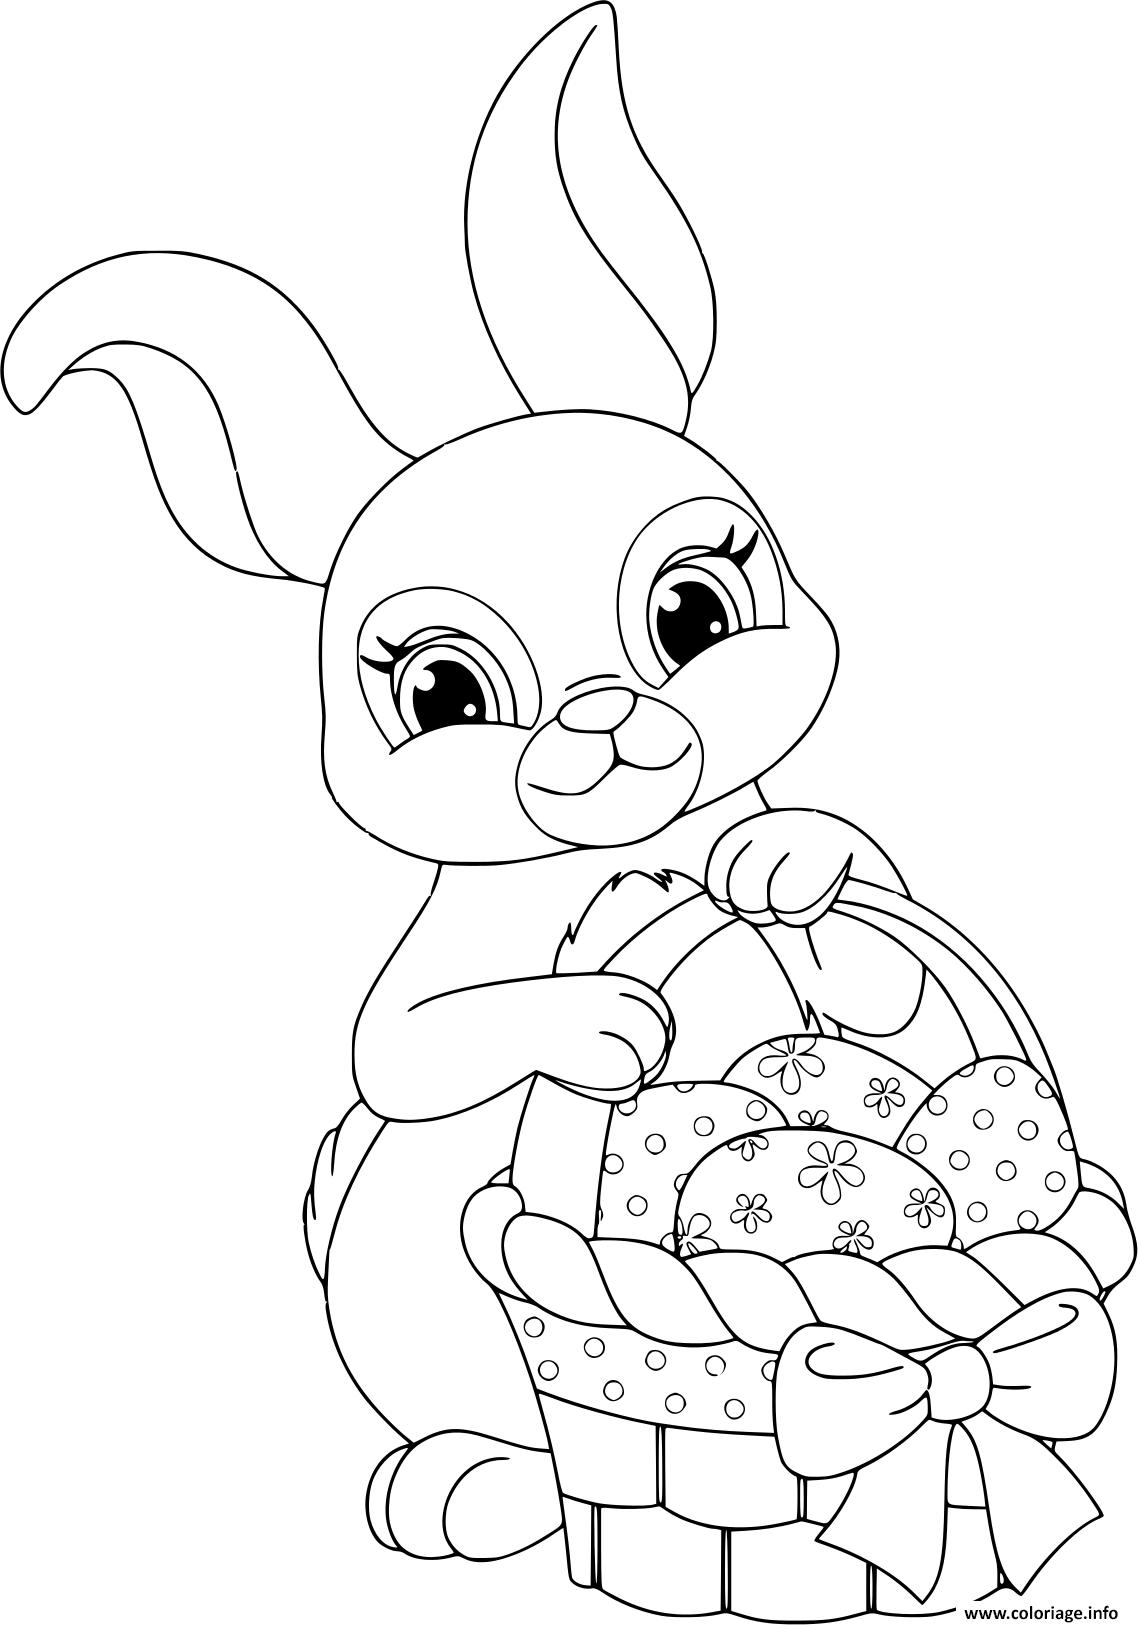 Coloriage Lapin De Paques Avec Panier Et œufs Dessin Paques A Imprimer